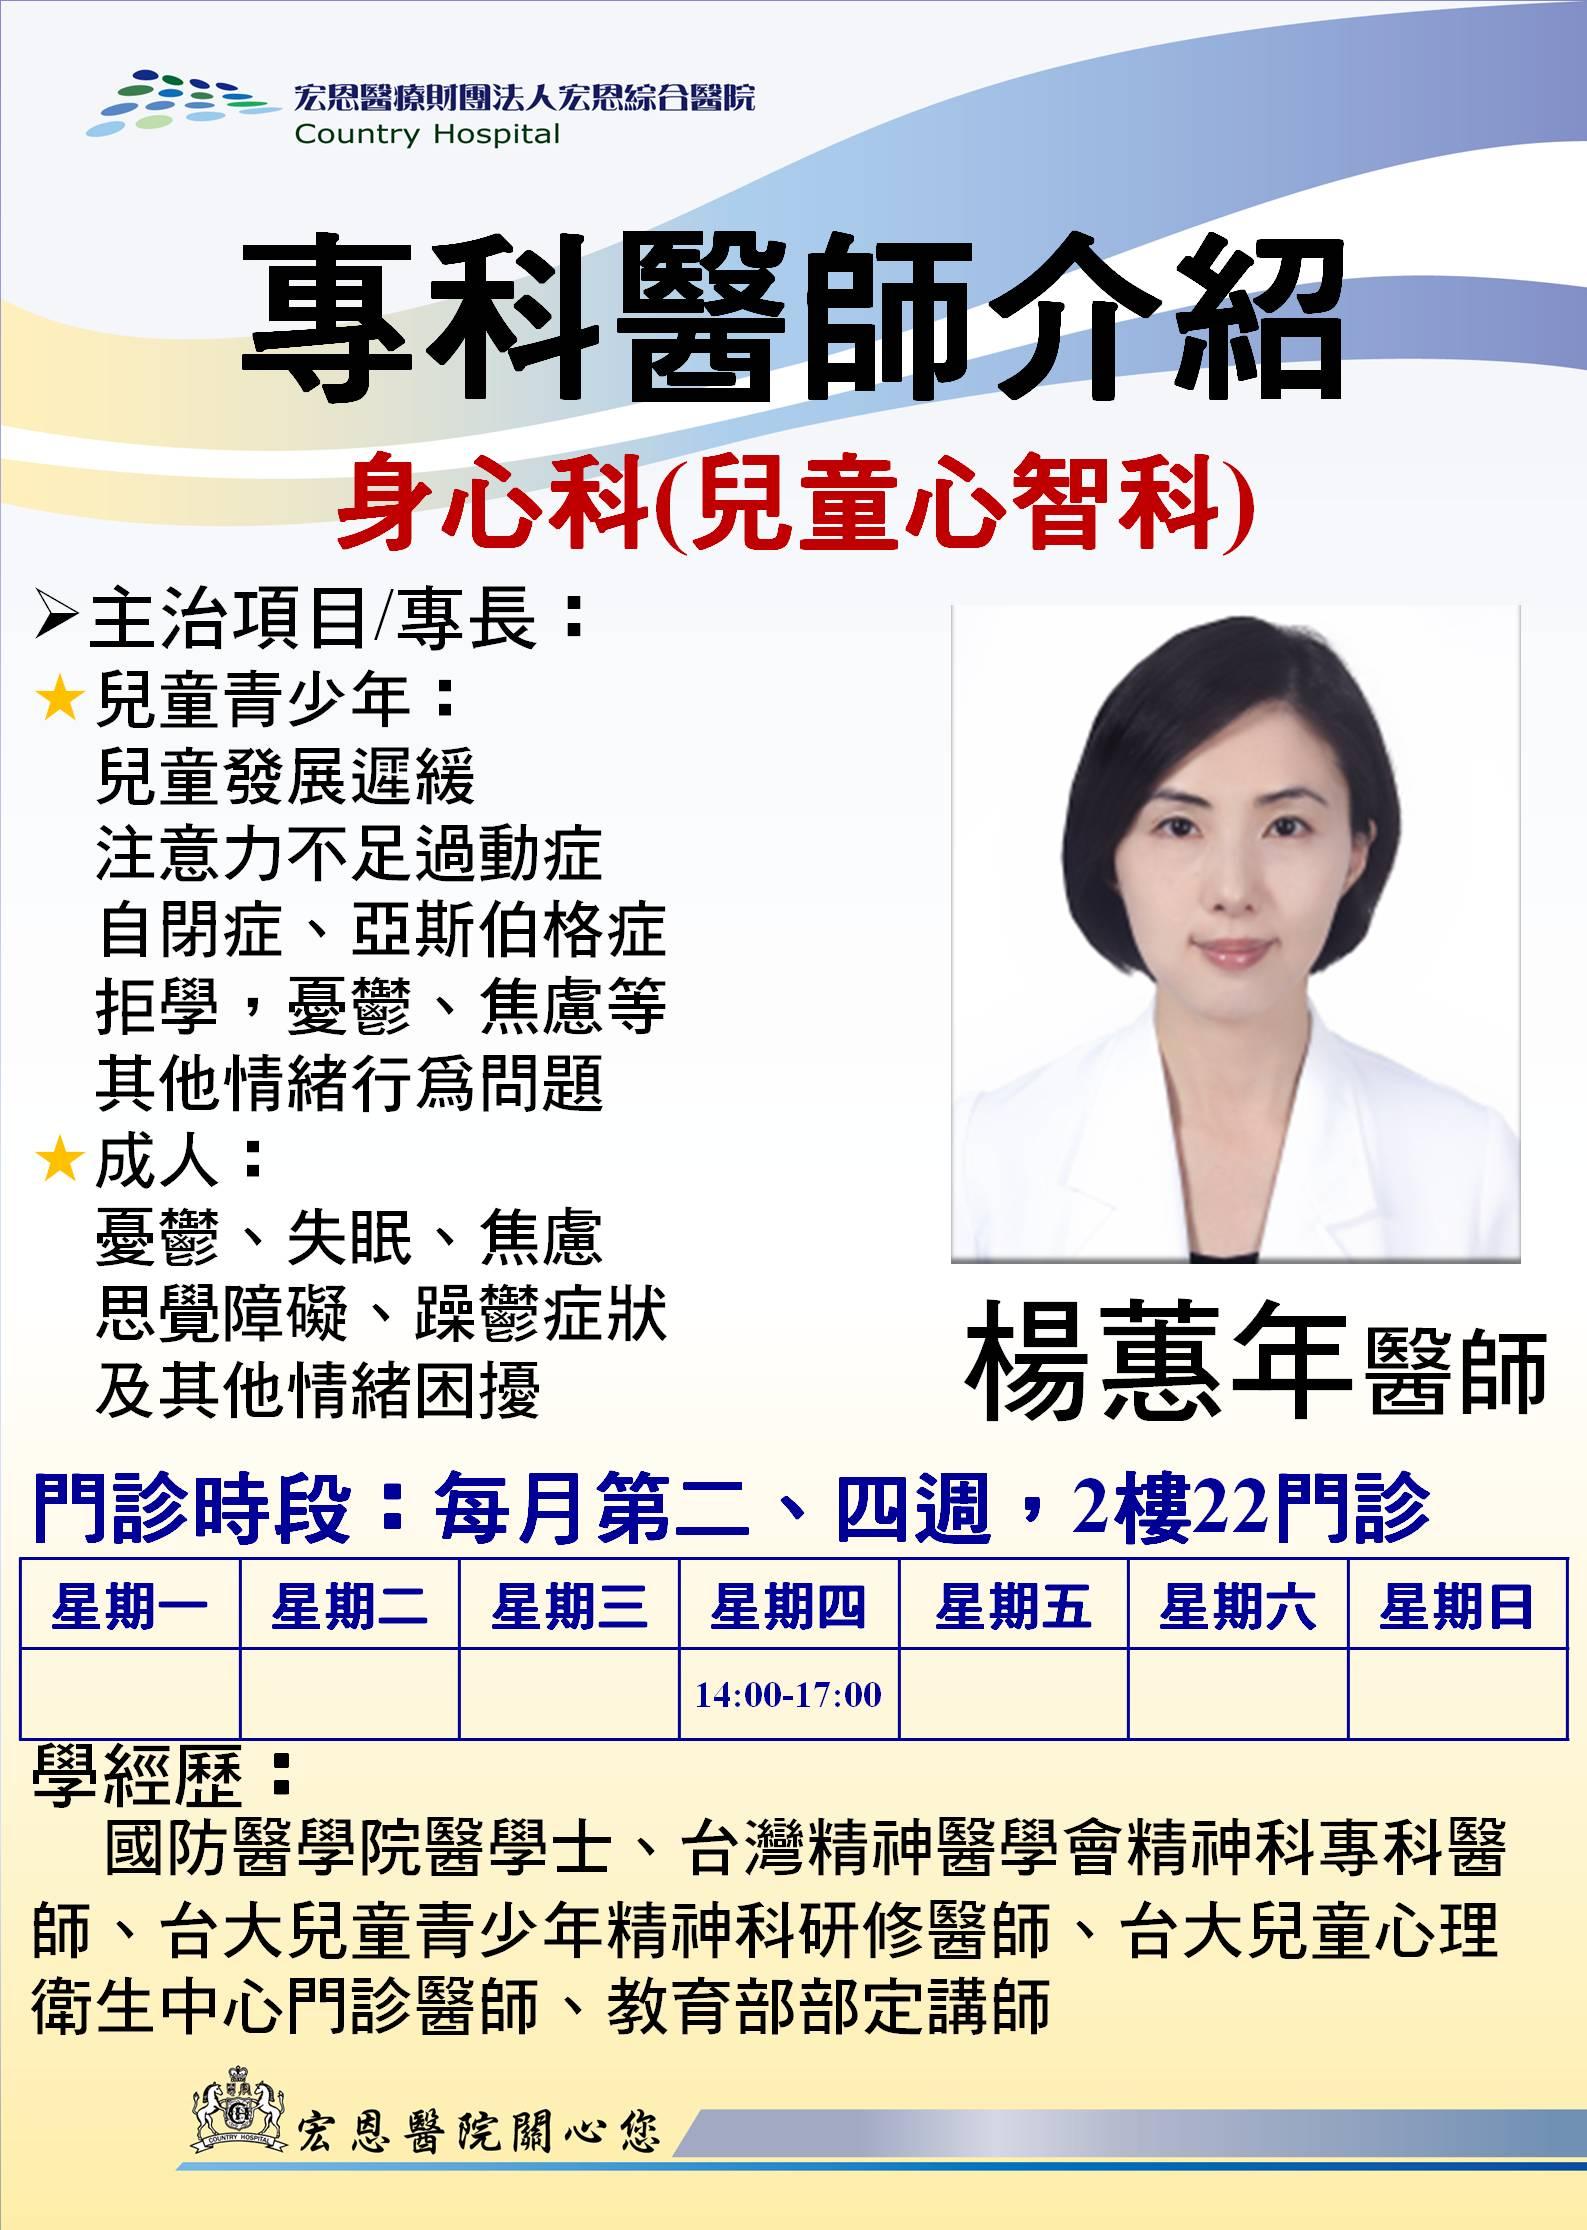 身心科(兒童心智科)楊蕙年醫師